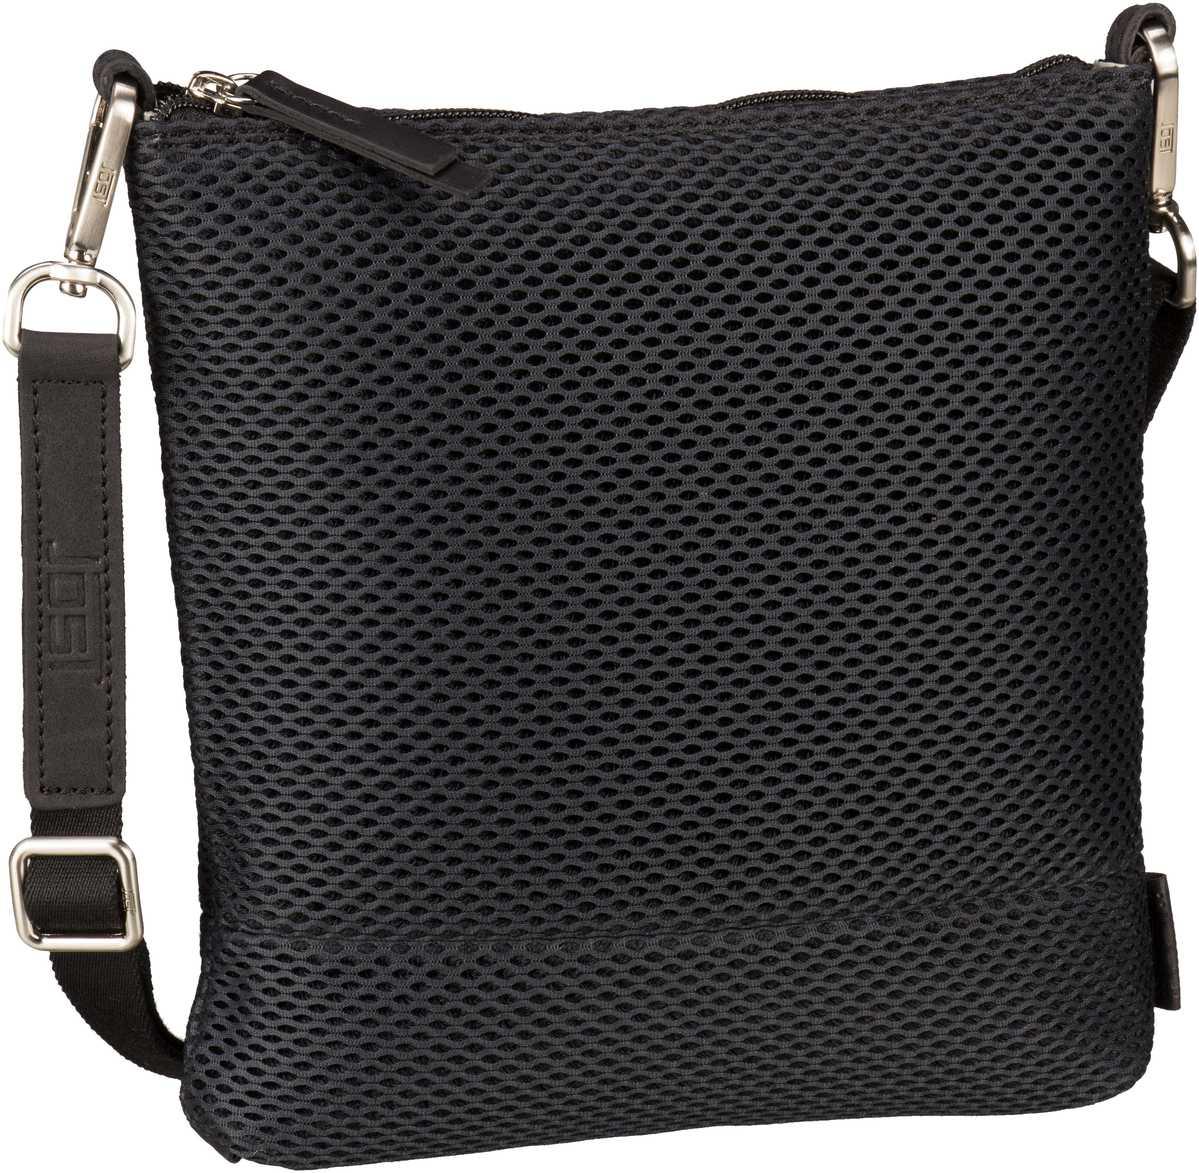 Schultertaschen für Frauen - Jost Umhängetasche Mesh 6181 Umhängetasche XS Schwarz  - Onlineshop Taschenkaufhaus